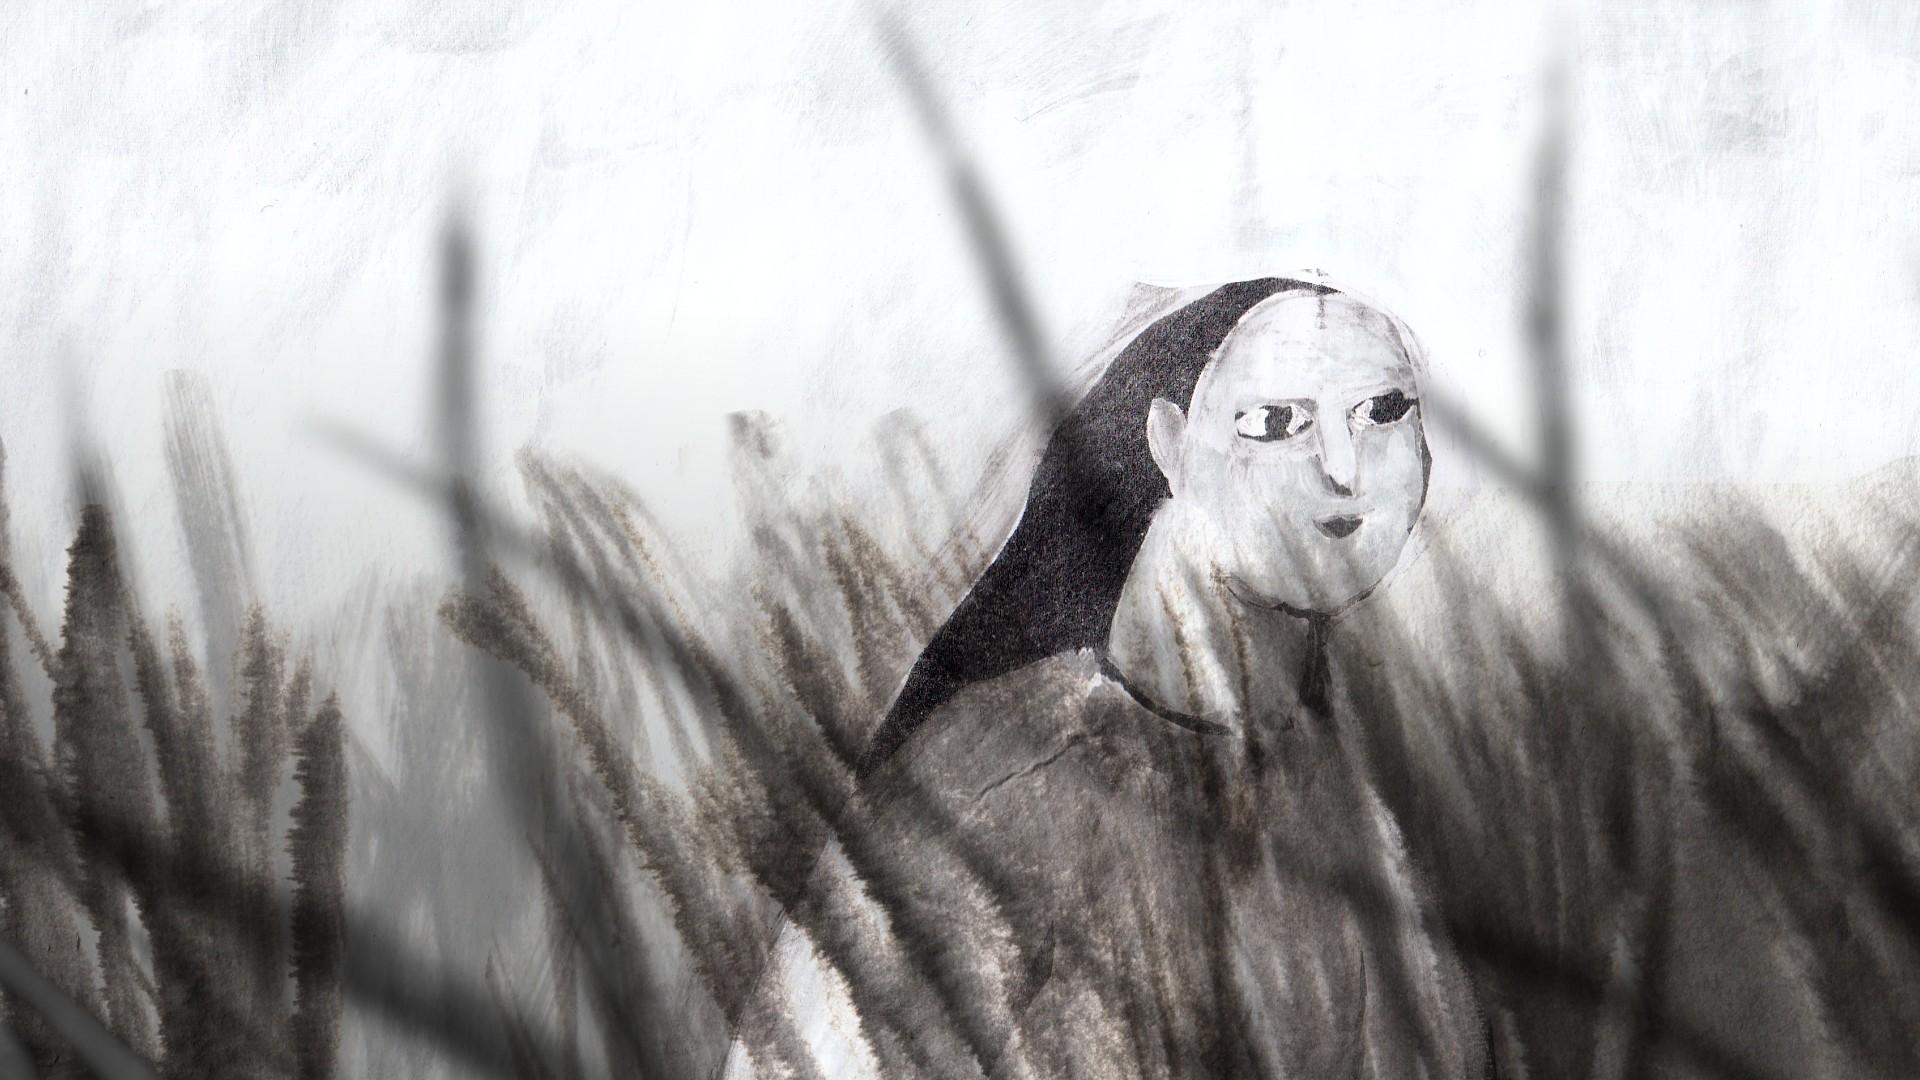 東京飛地展示 参考図版:アンナ・ブダノヴァ 《Among the Black Waves》 2016年 ©Anna Budanova